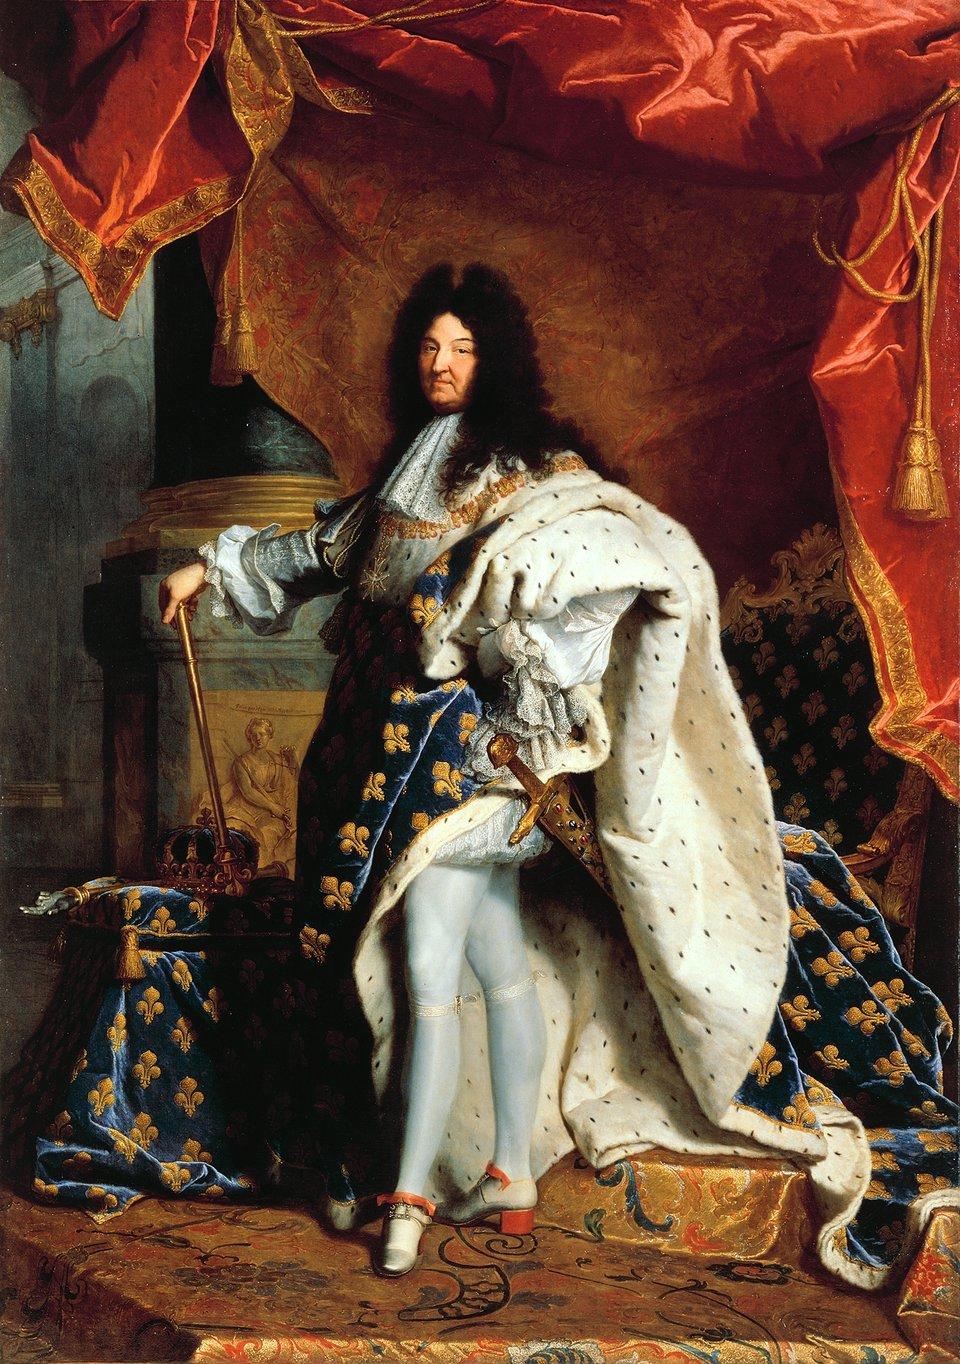 Portret Ludwika XIV wstroju koronacyjnym. Oficjalnyportret Ludwika XIV wstroju koronacyjnym. Obraz namalował Hyacinthe Rigaud (1659-1743), portret powstał w1701 r., zatem już pod koniec życia króla, po największych triumfach. Obecnie obraz znajduje się wLuwrze. Źródło: Hyacinthe Rigaud, Portret Ludwika XIV wstroju koronacyjnym., 1701, Luwr, domena publiczna.